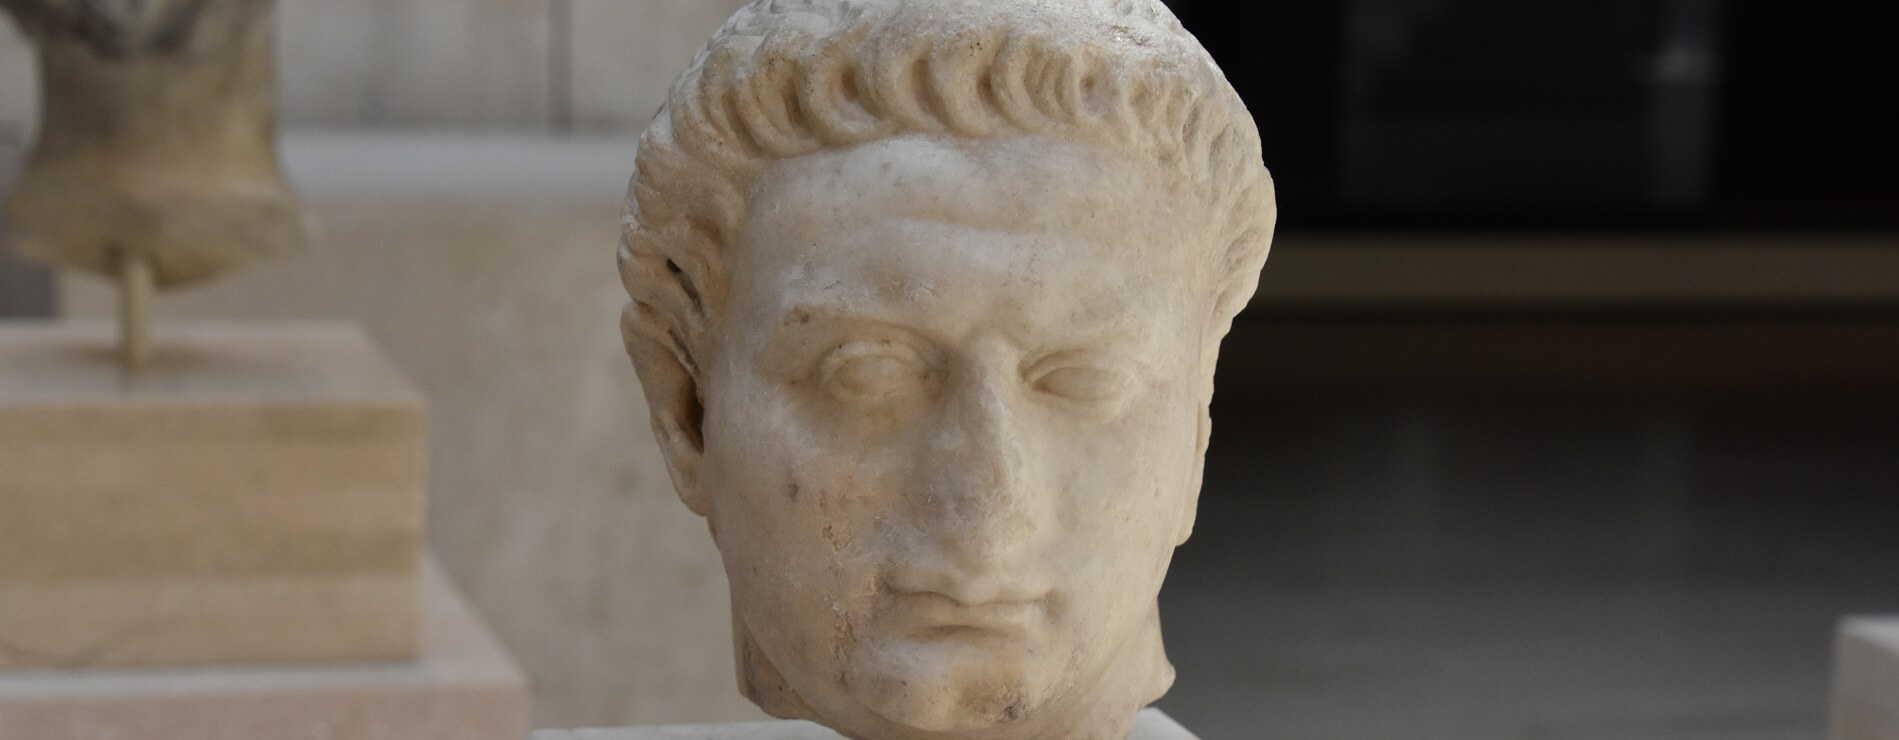 Who was Emperor Domitian?